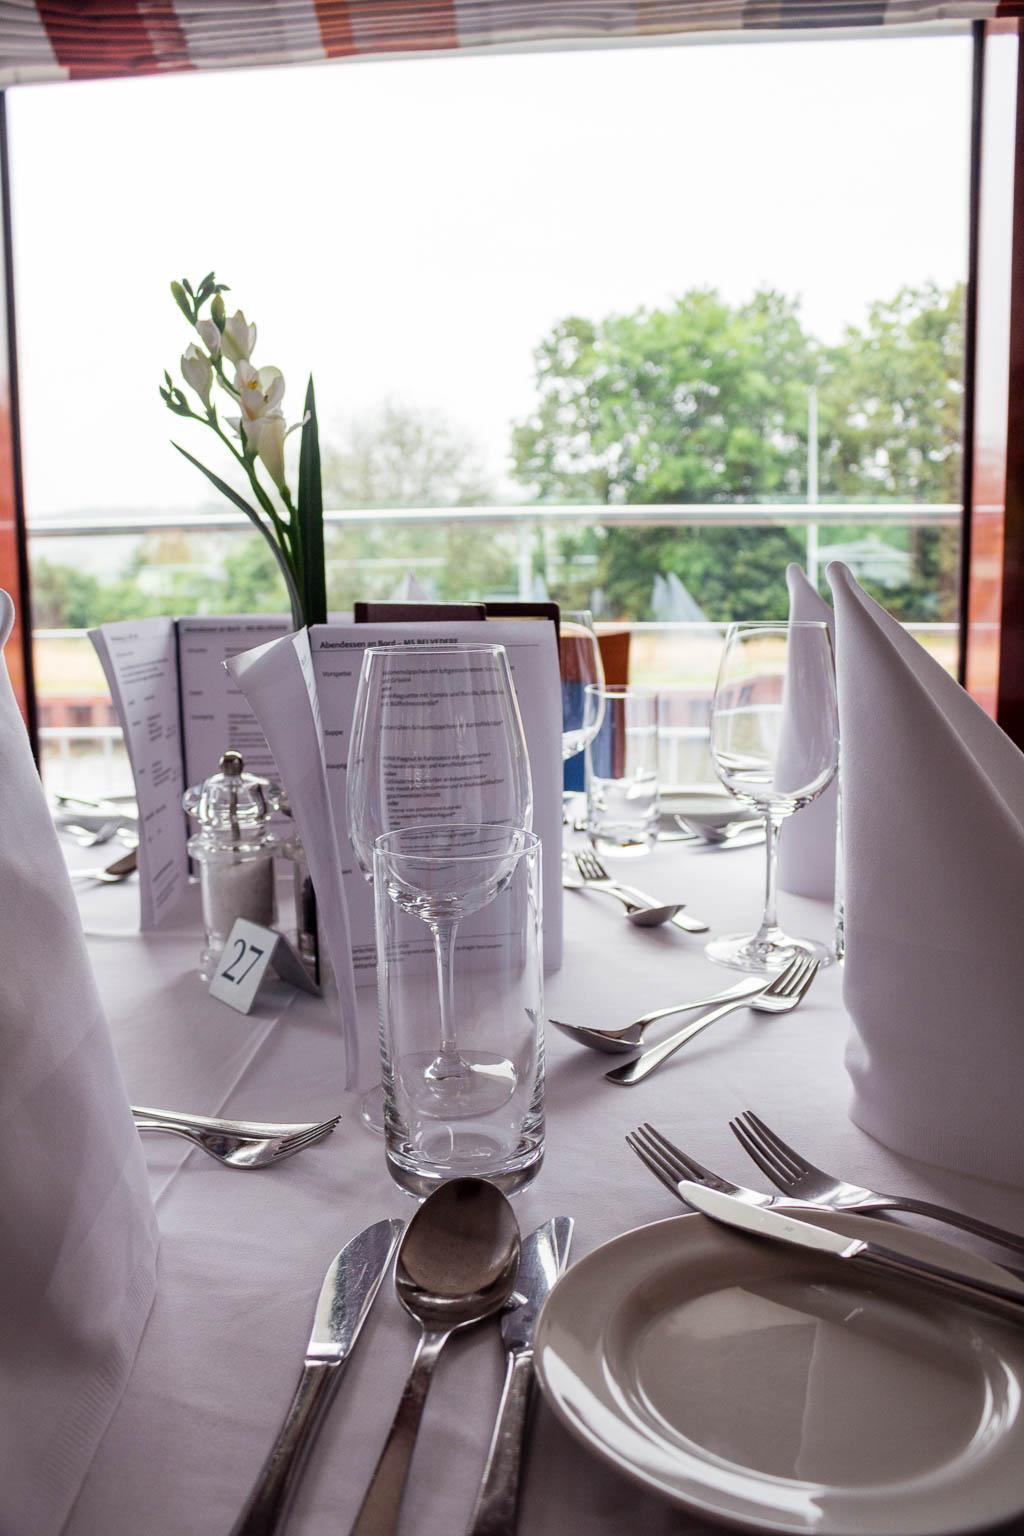 Restaurant Flusskreuzfahrt Main-Donau-Kanal: Von Passau nach Frankfurt am Main mit der MS BELVEDERE